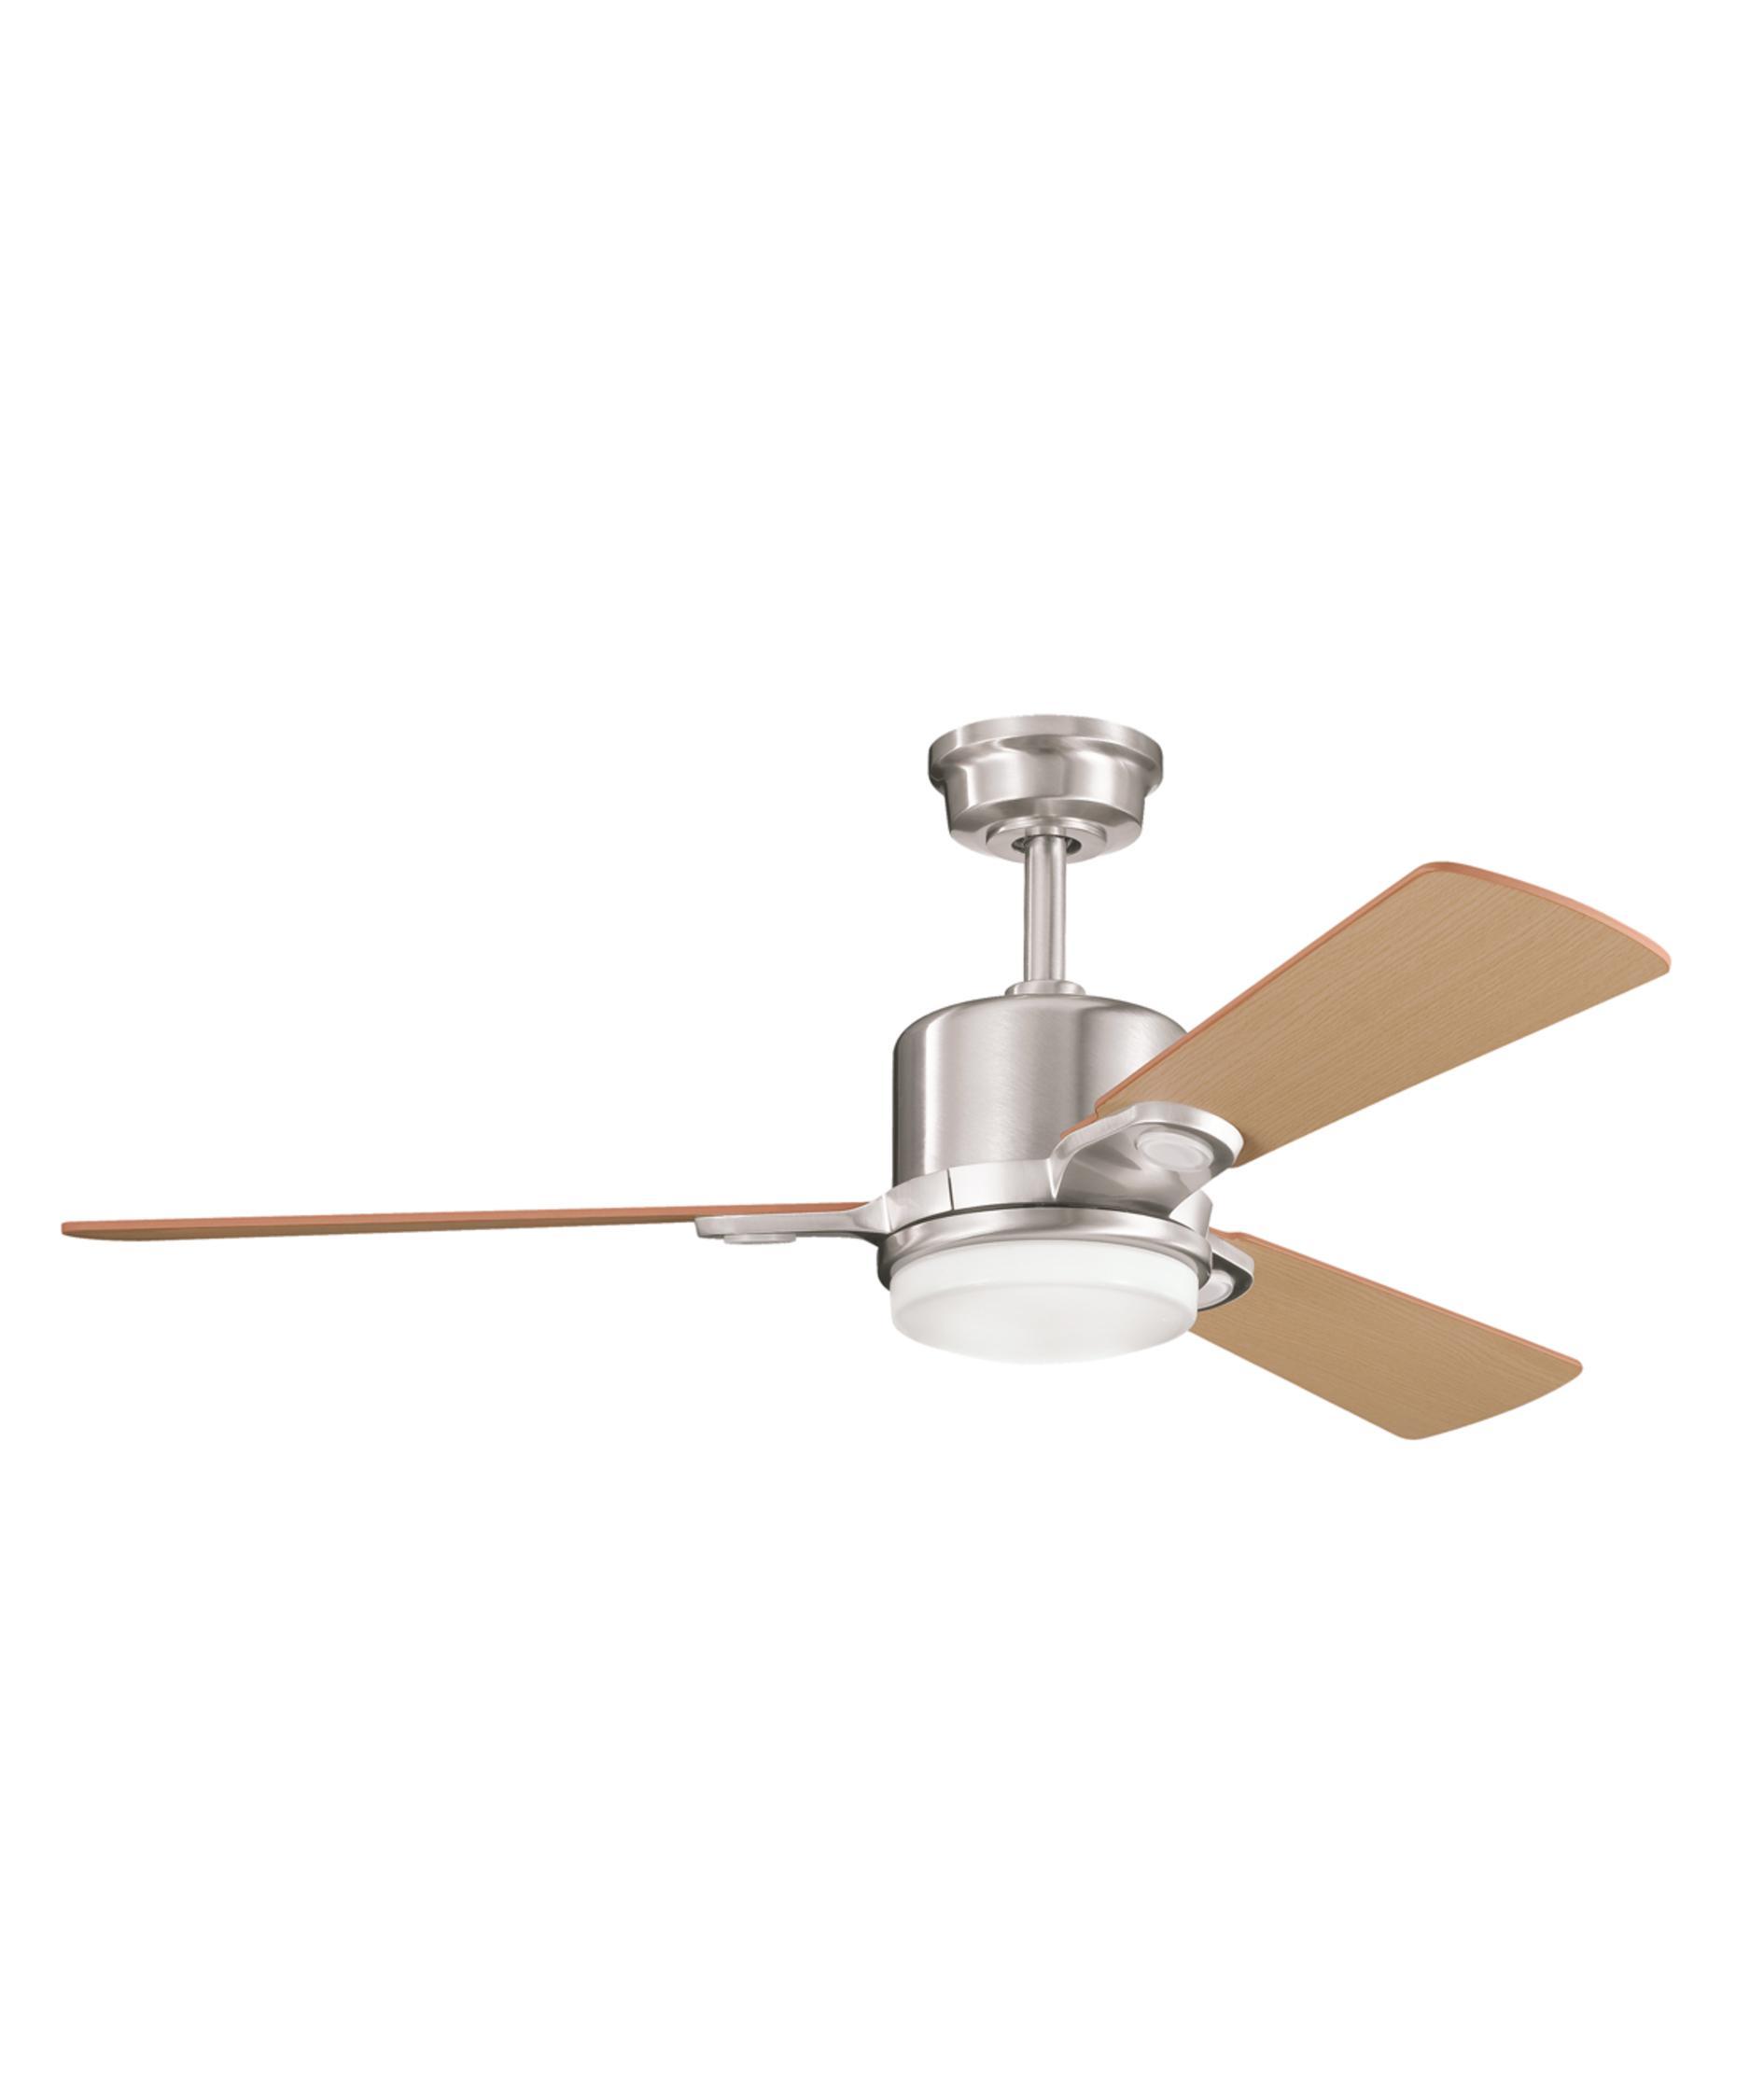 kichler  celino  inch  blade ceiling fan  capitol  - kichler  celino  inch  blade ceiling fan  capitol lightinglightingcom